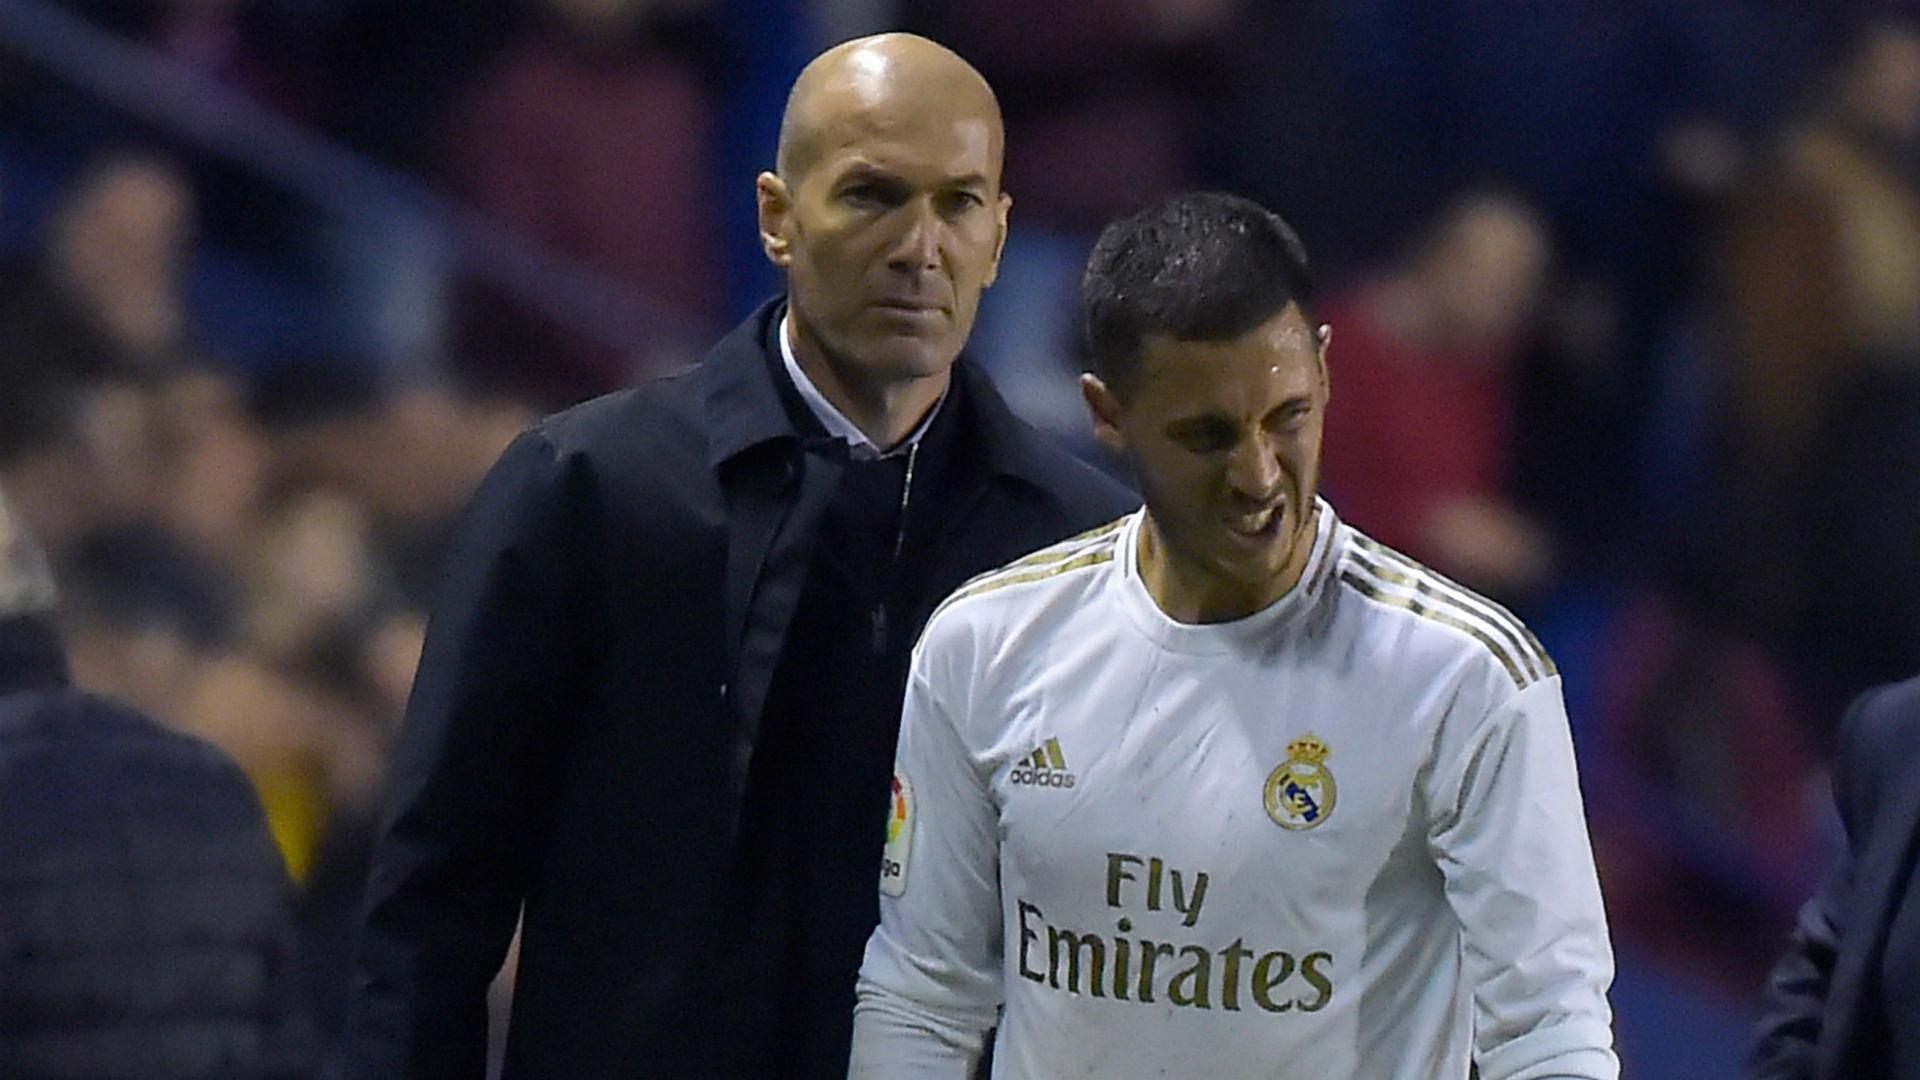 Real-City - Le groupe madrilène, avec Gareth Bale et sans Eden Hazard